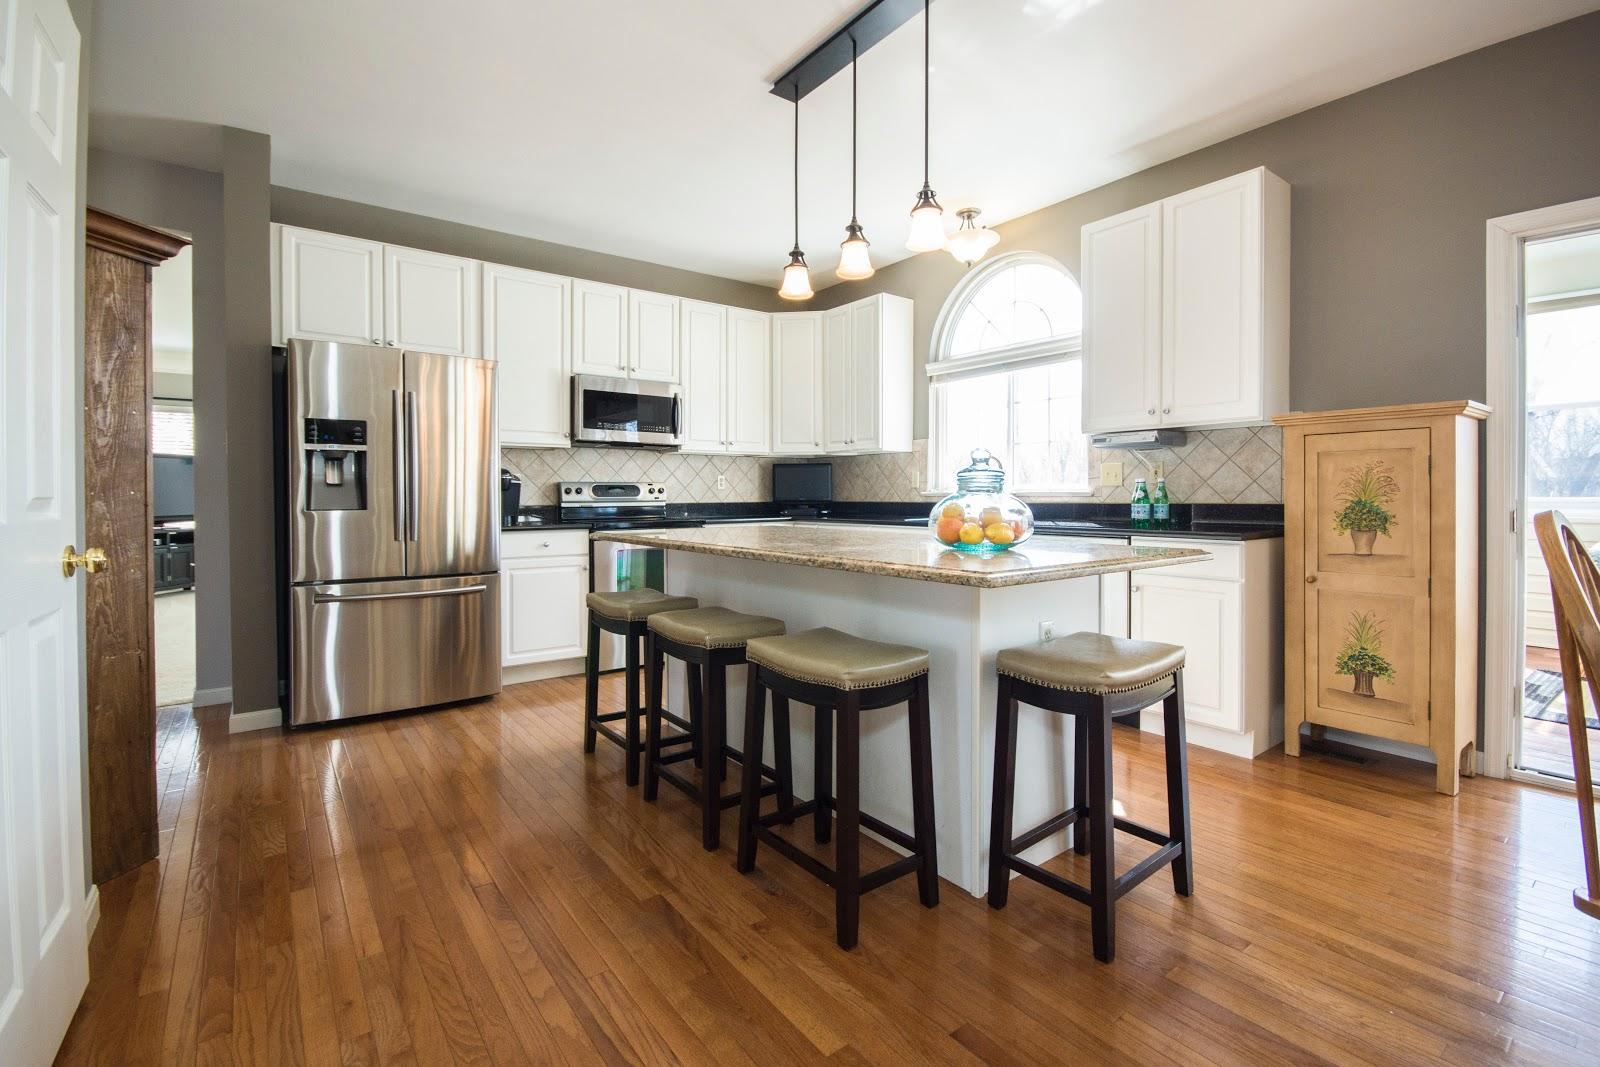 White Wooden Kitchen Island